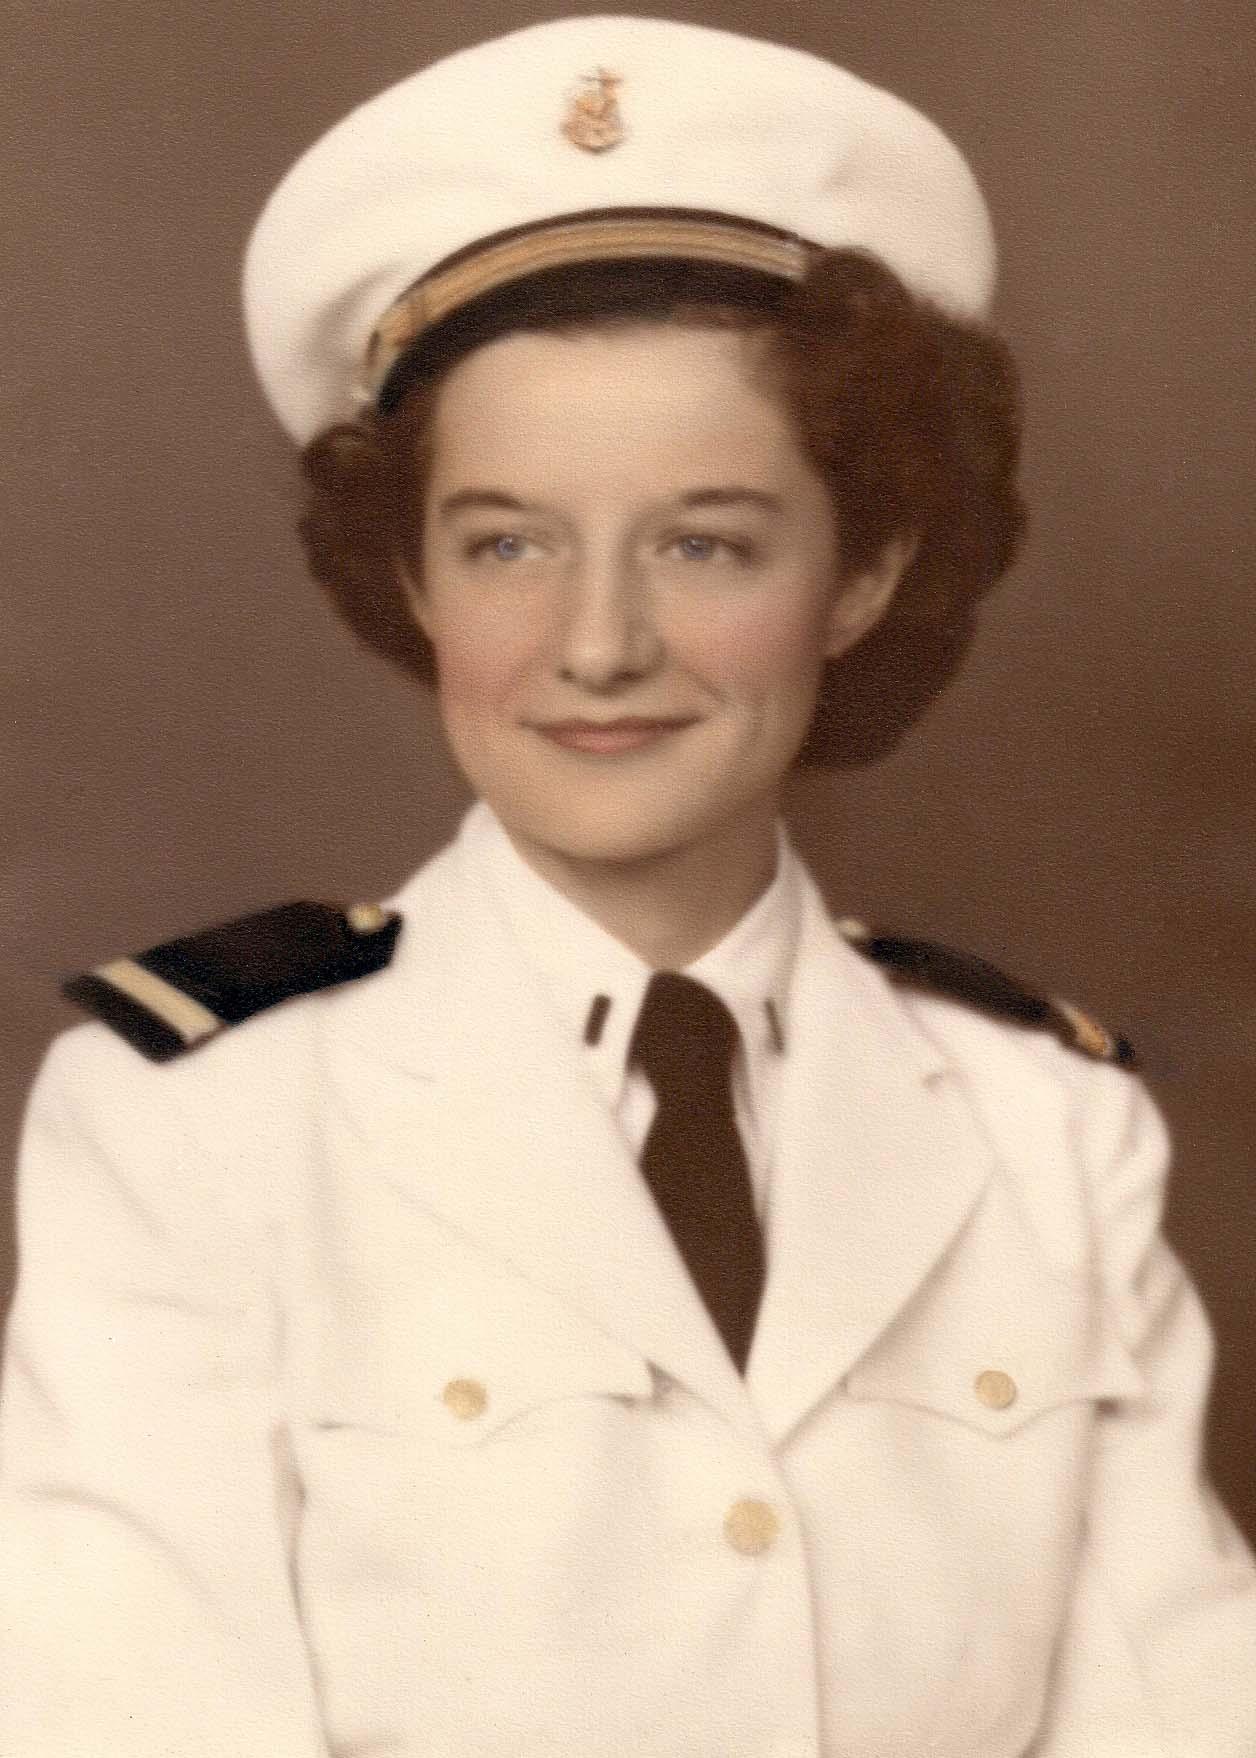 1950 Nurse uniform